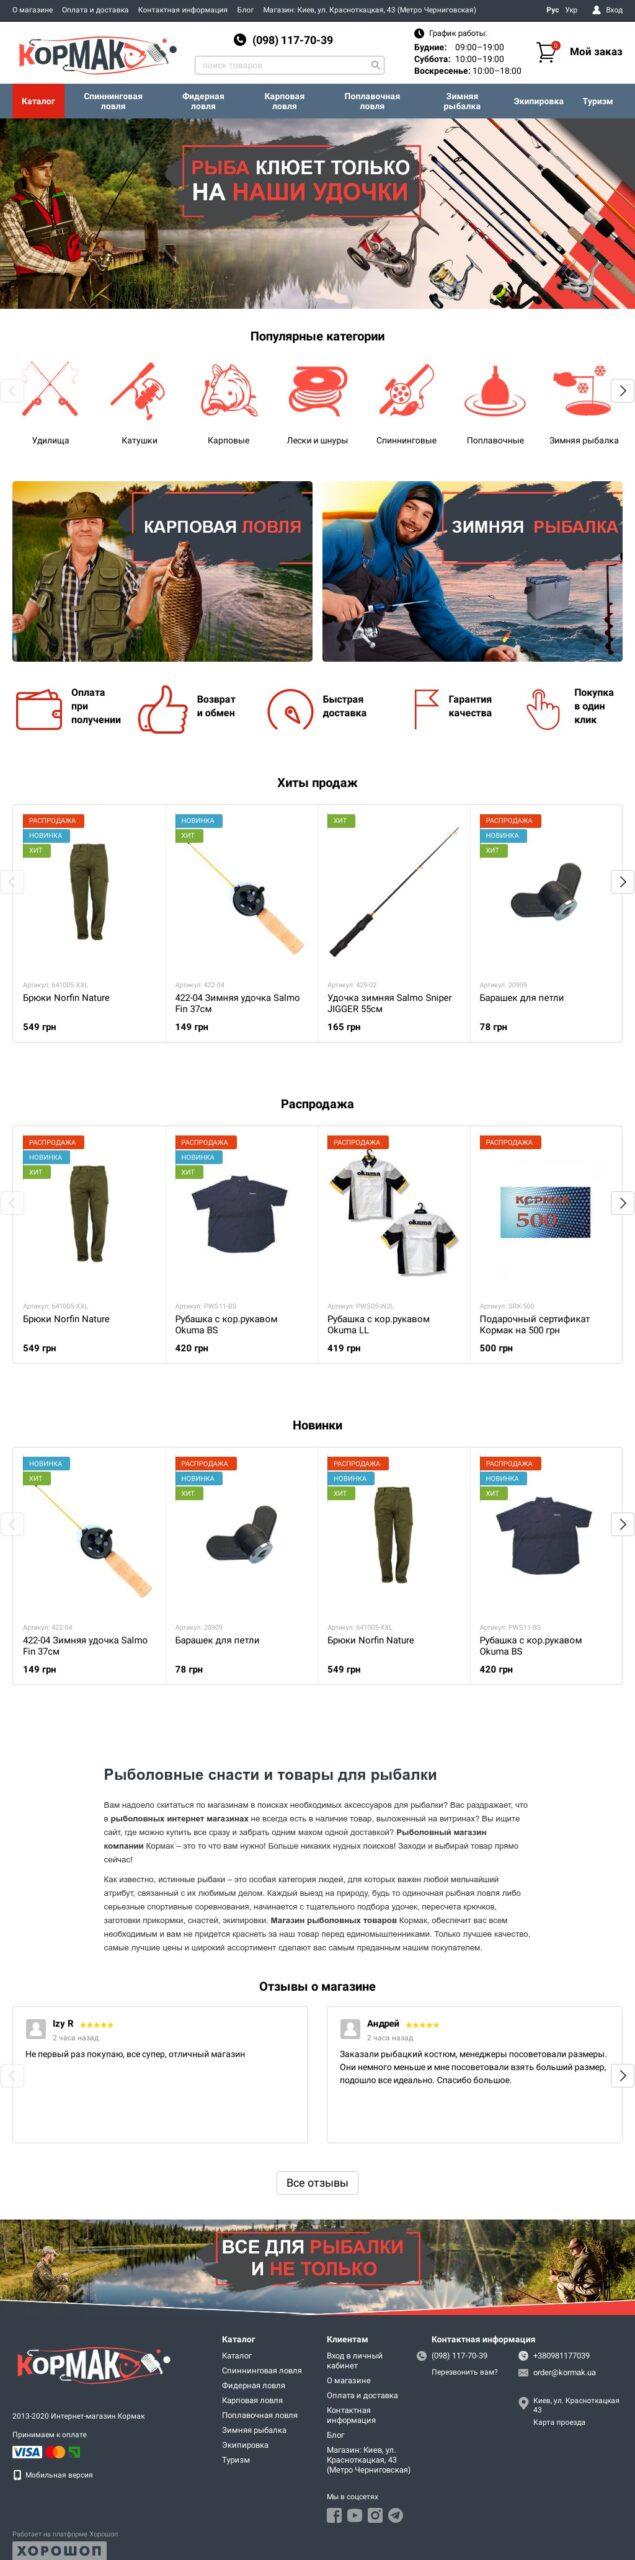 Пример дизайна интернет-магазина для рыбаков на Хорошопе